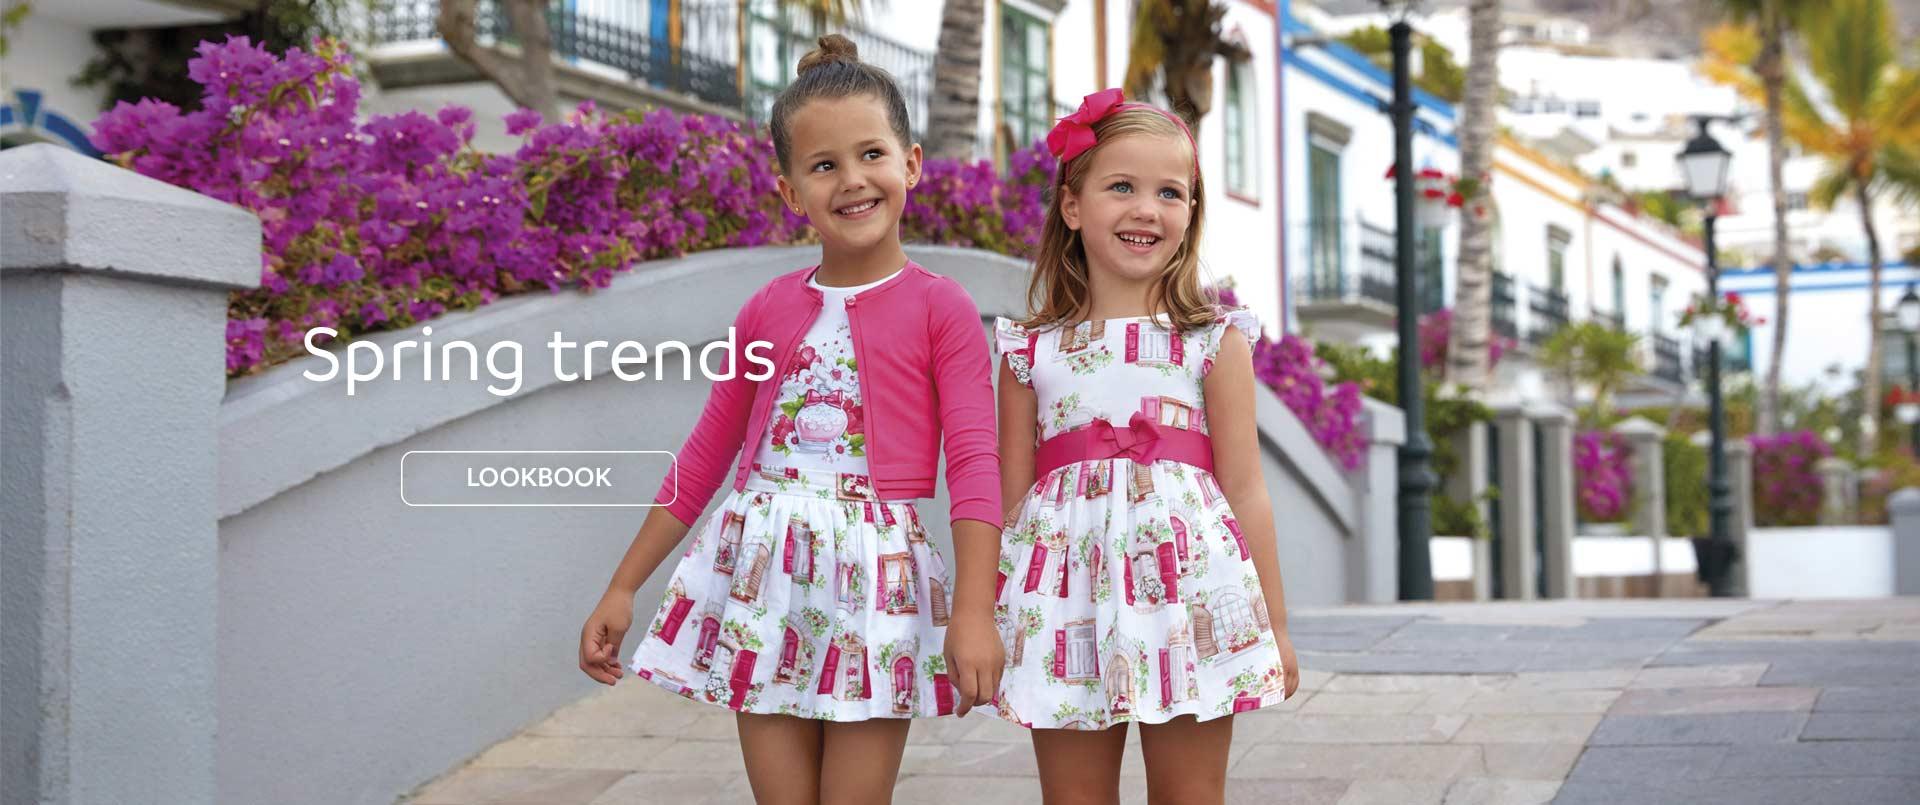 Dziewczynki w ubrankach marki Mayoral